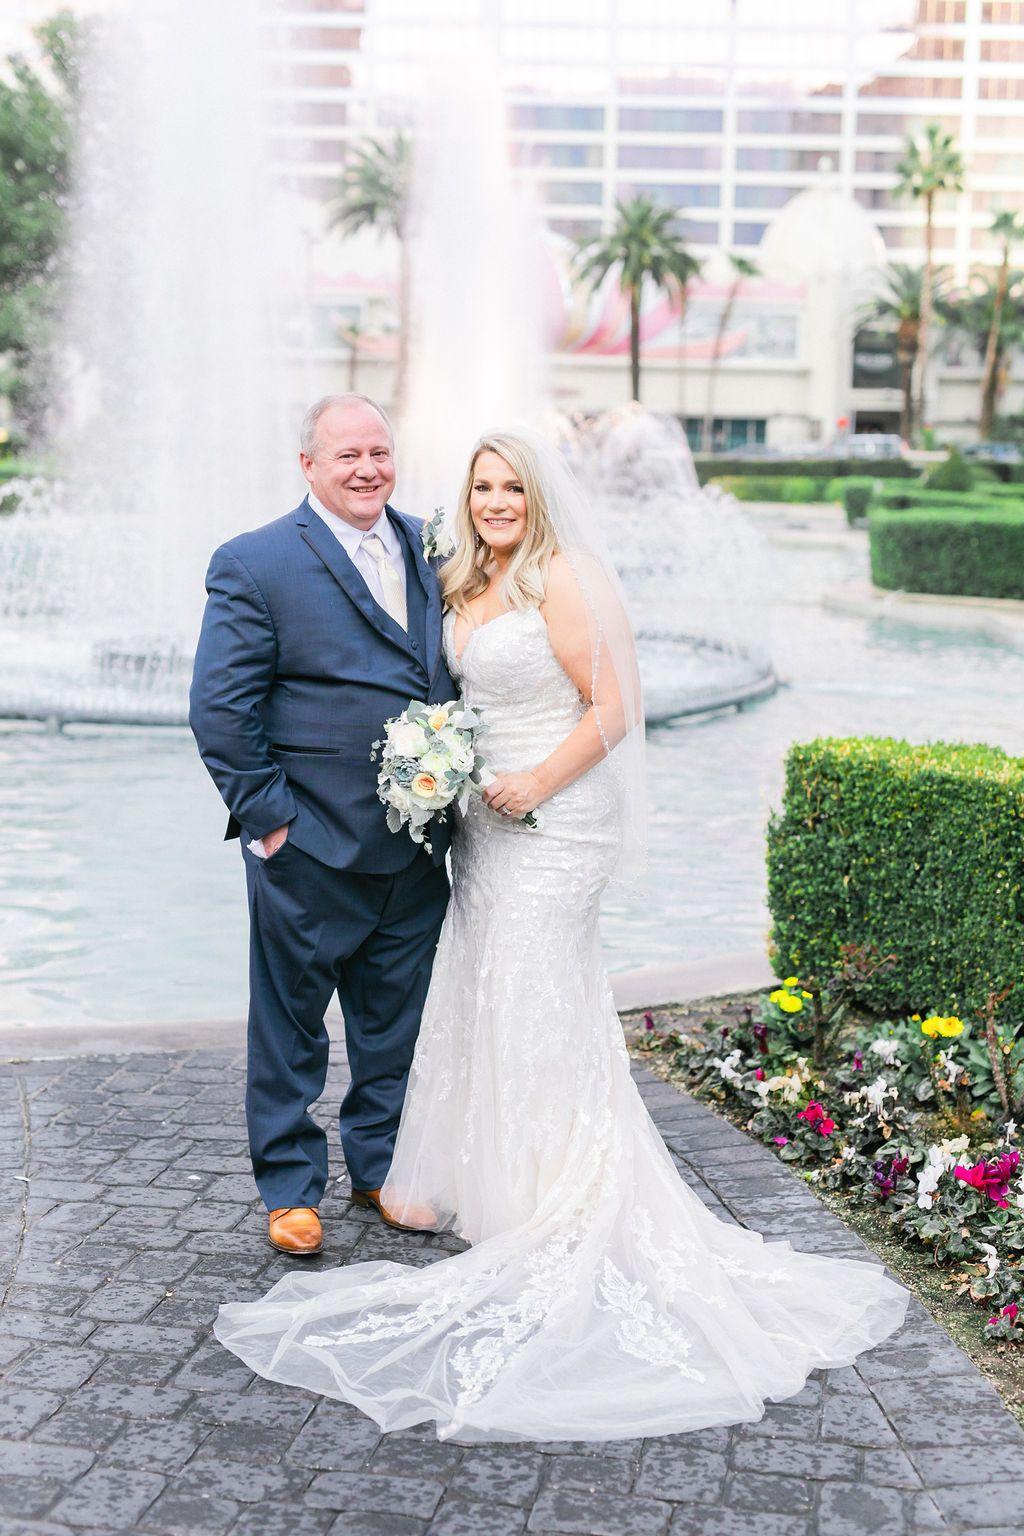 Caesars Palace Wedding in Vegas in 2020 Palace wedding